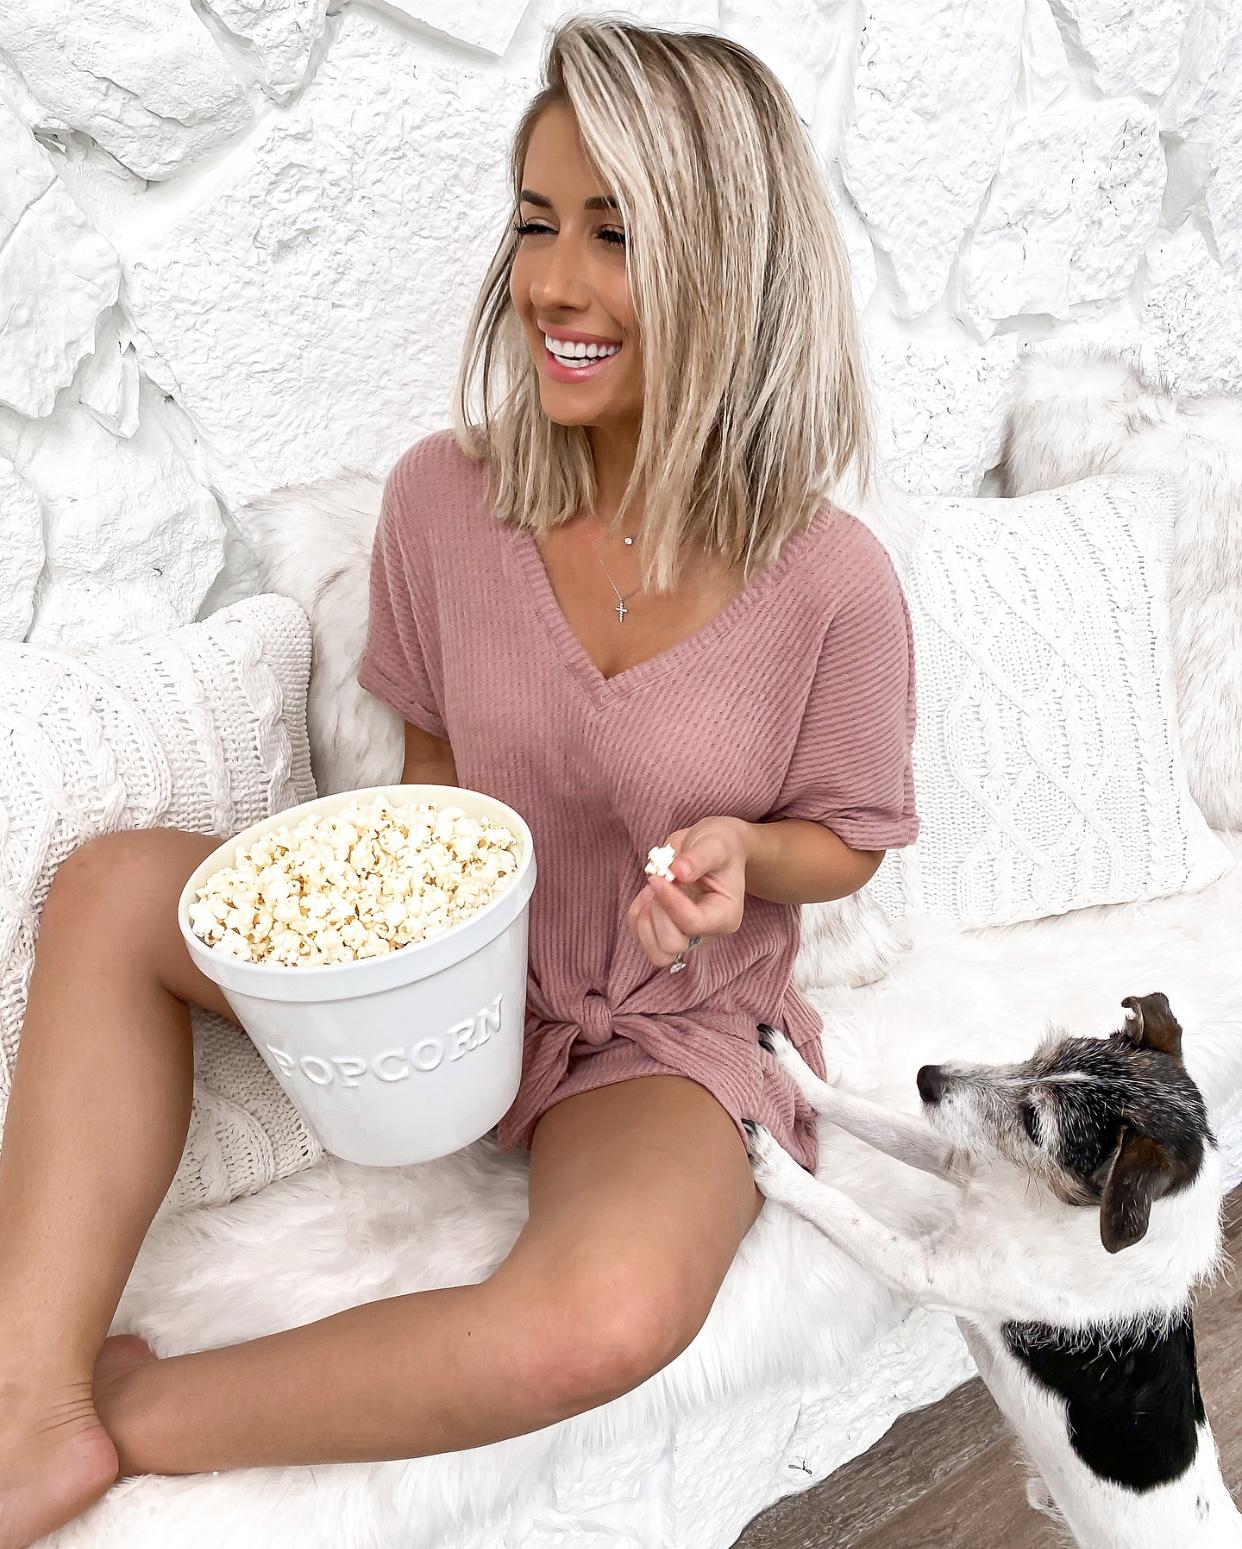 Laura Beverlin Nordstrom Rack Pajamas Comfy Loungewear3